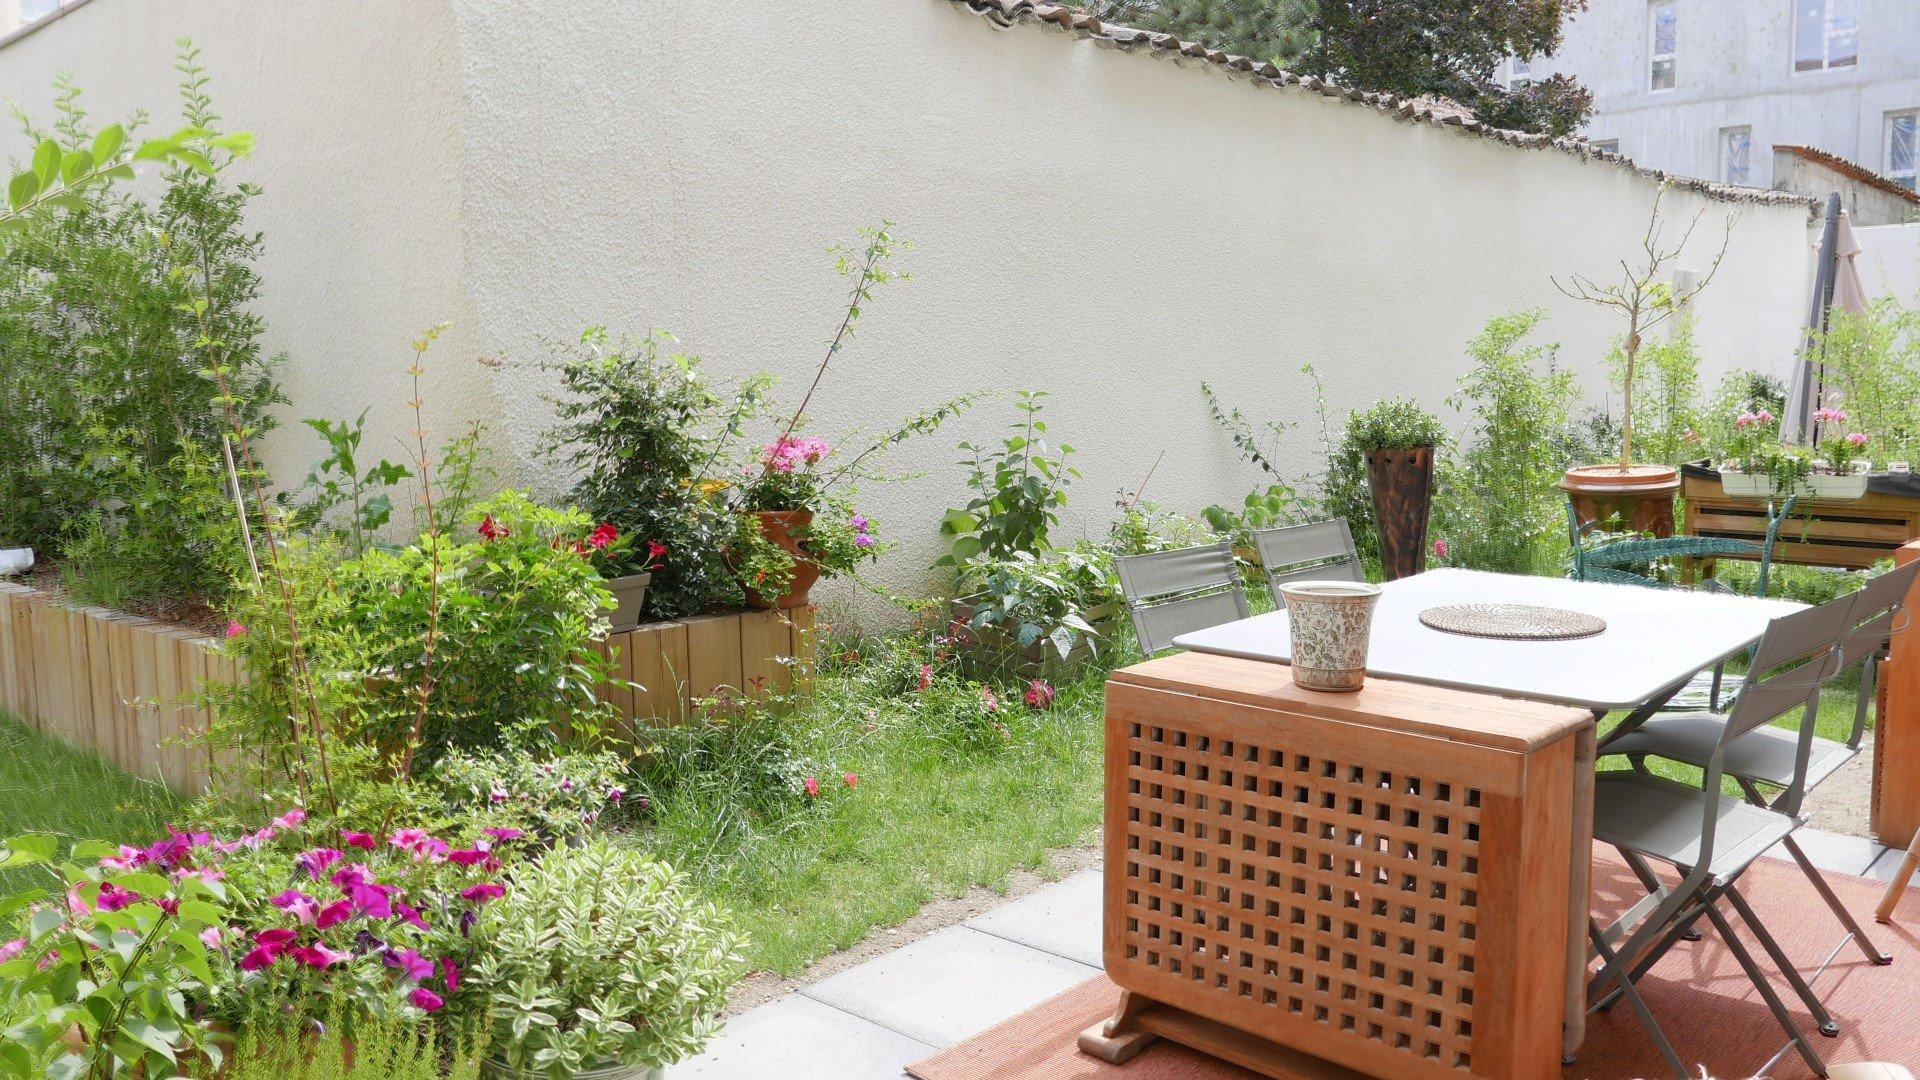 Achat Appartement Surface de 41.53 m²/ Total carrez : 36 m², 2 pièces, Villeurbanne (69100)